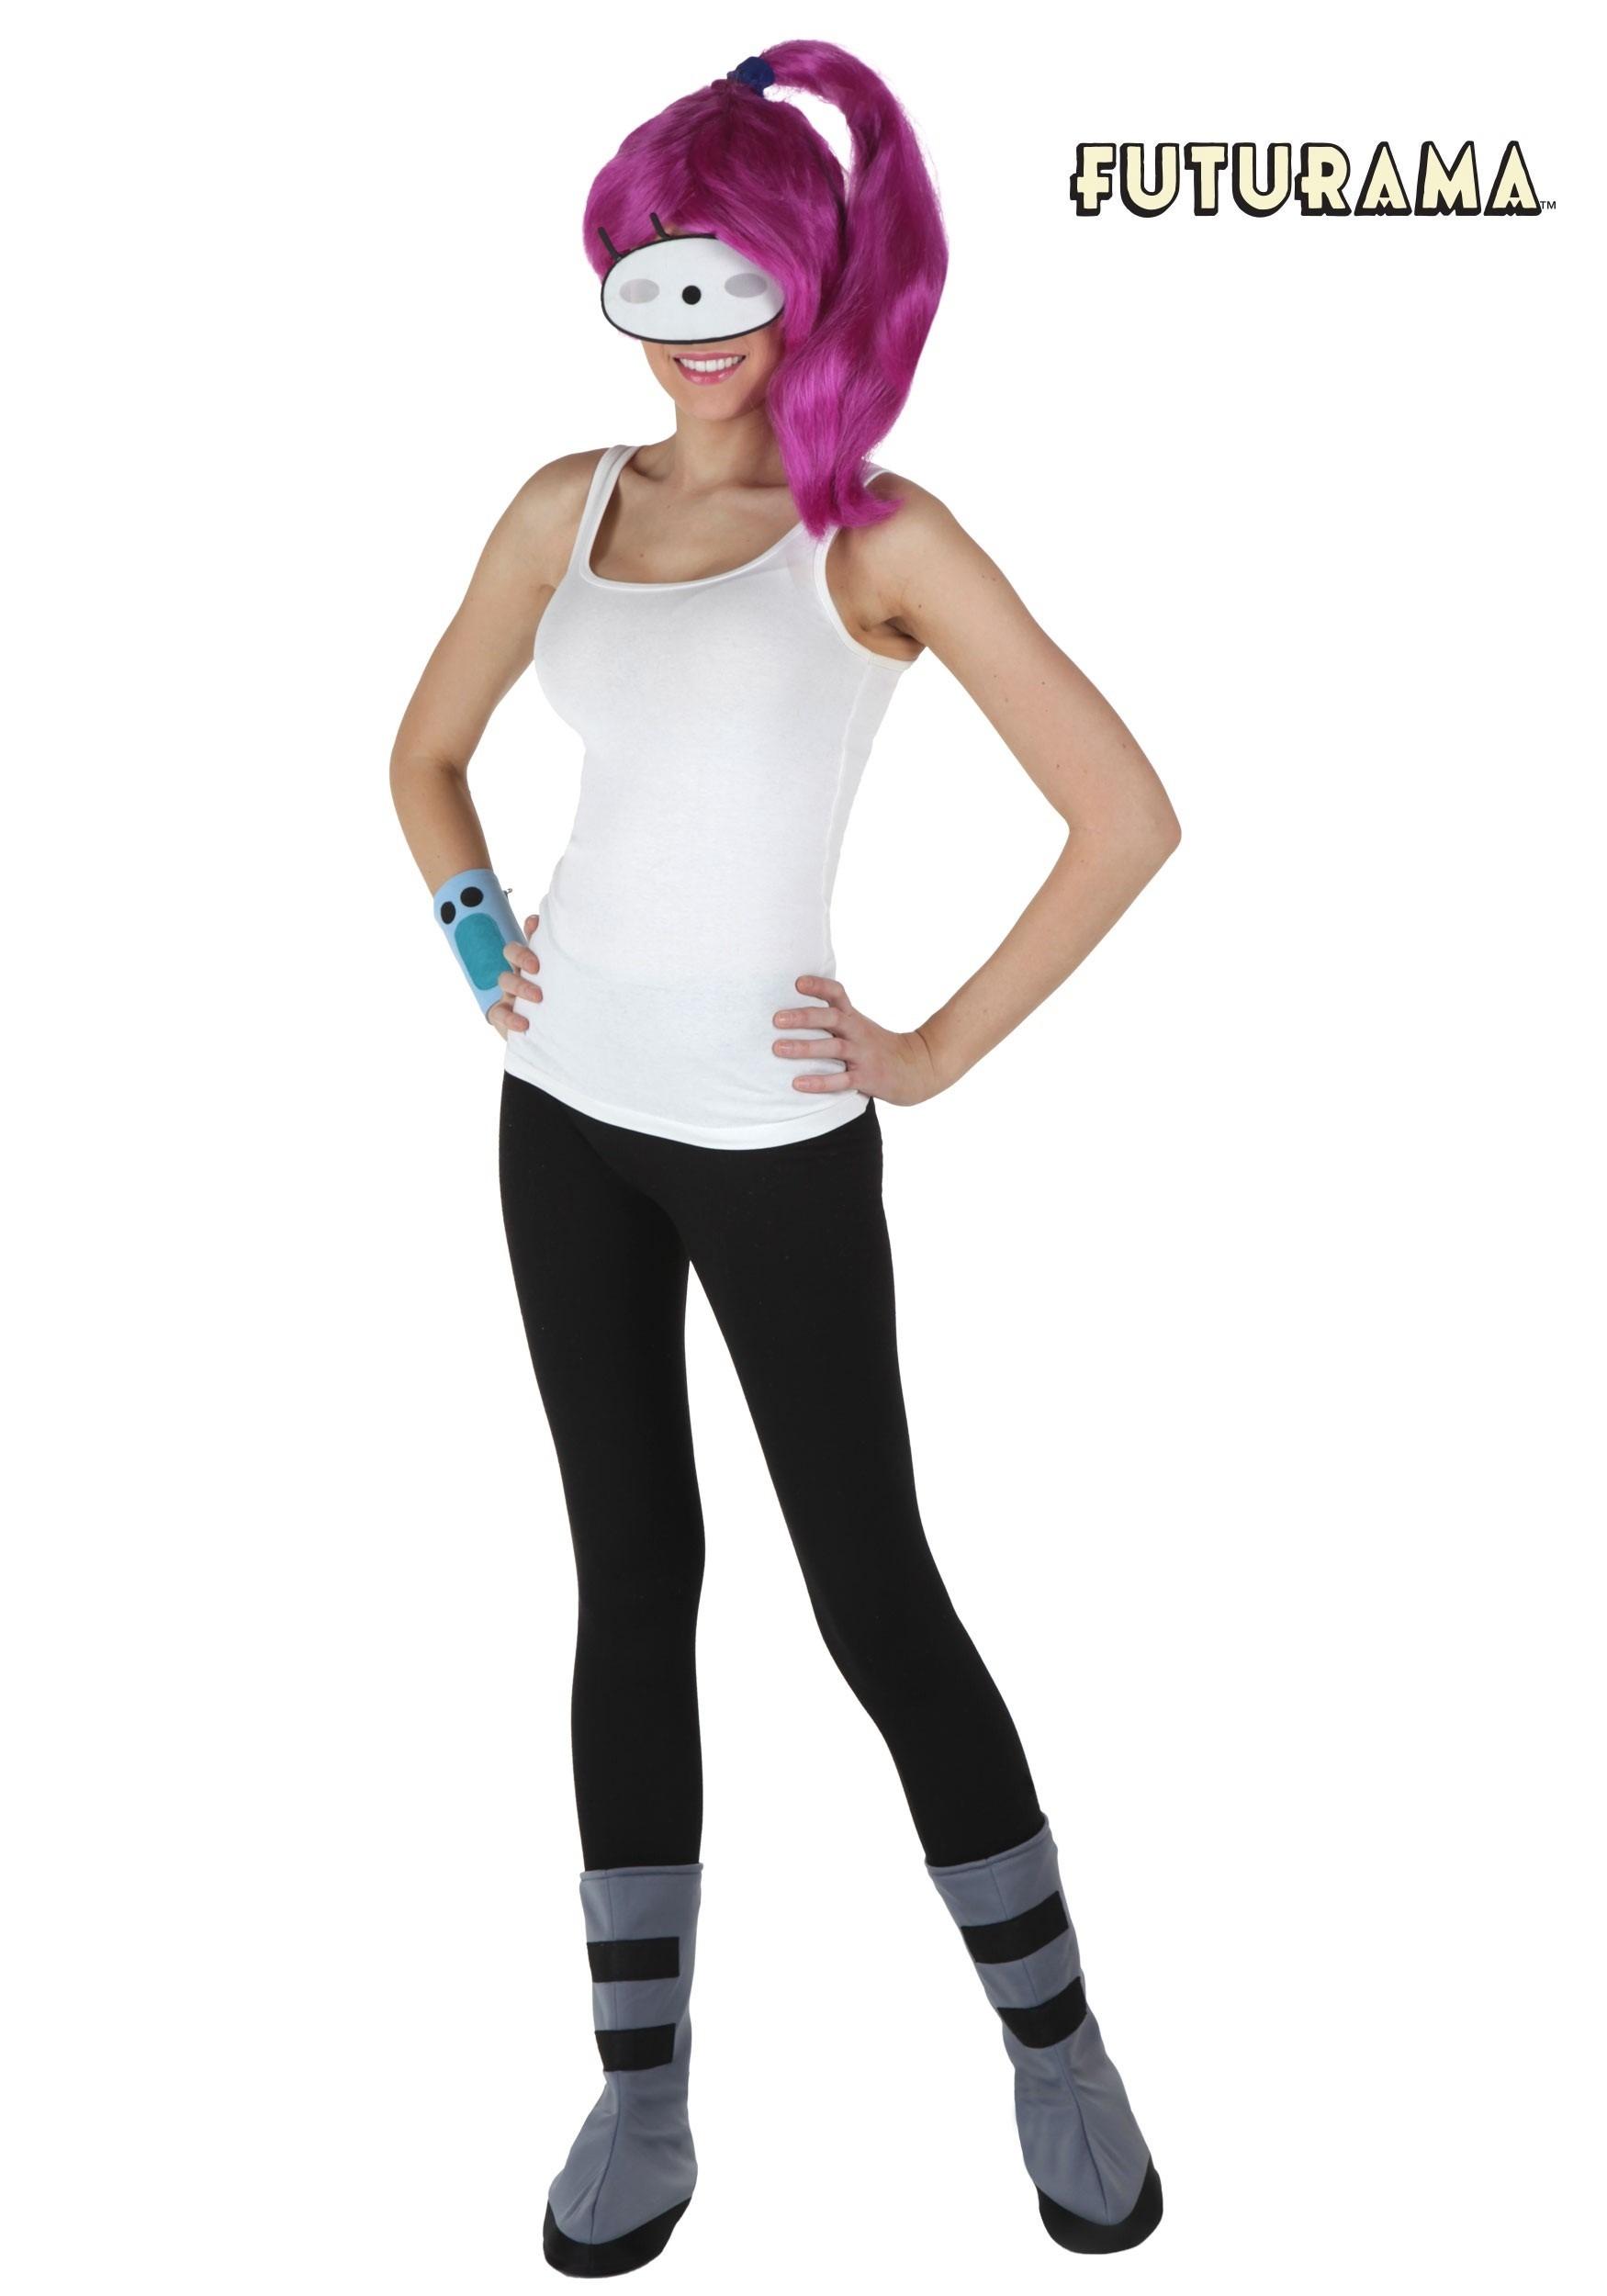 futurama-adult-leela-costume.jpg Leela Costume